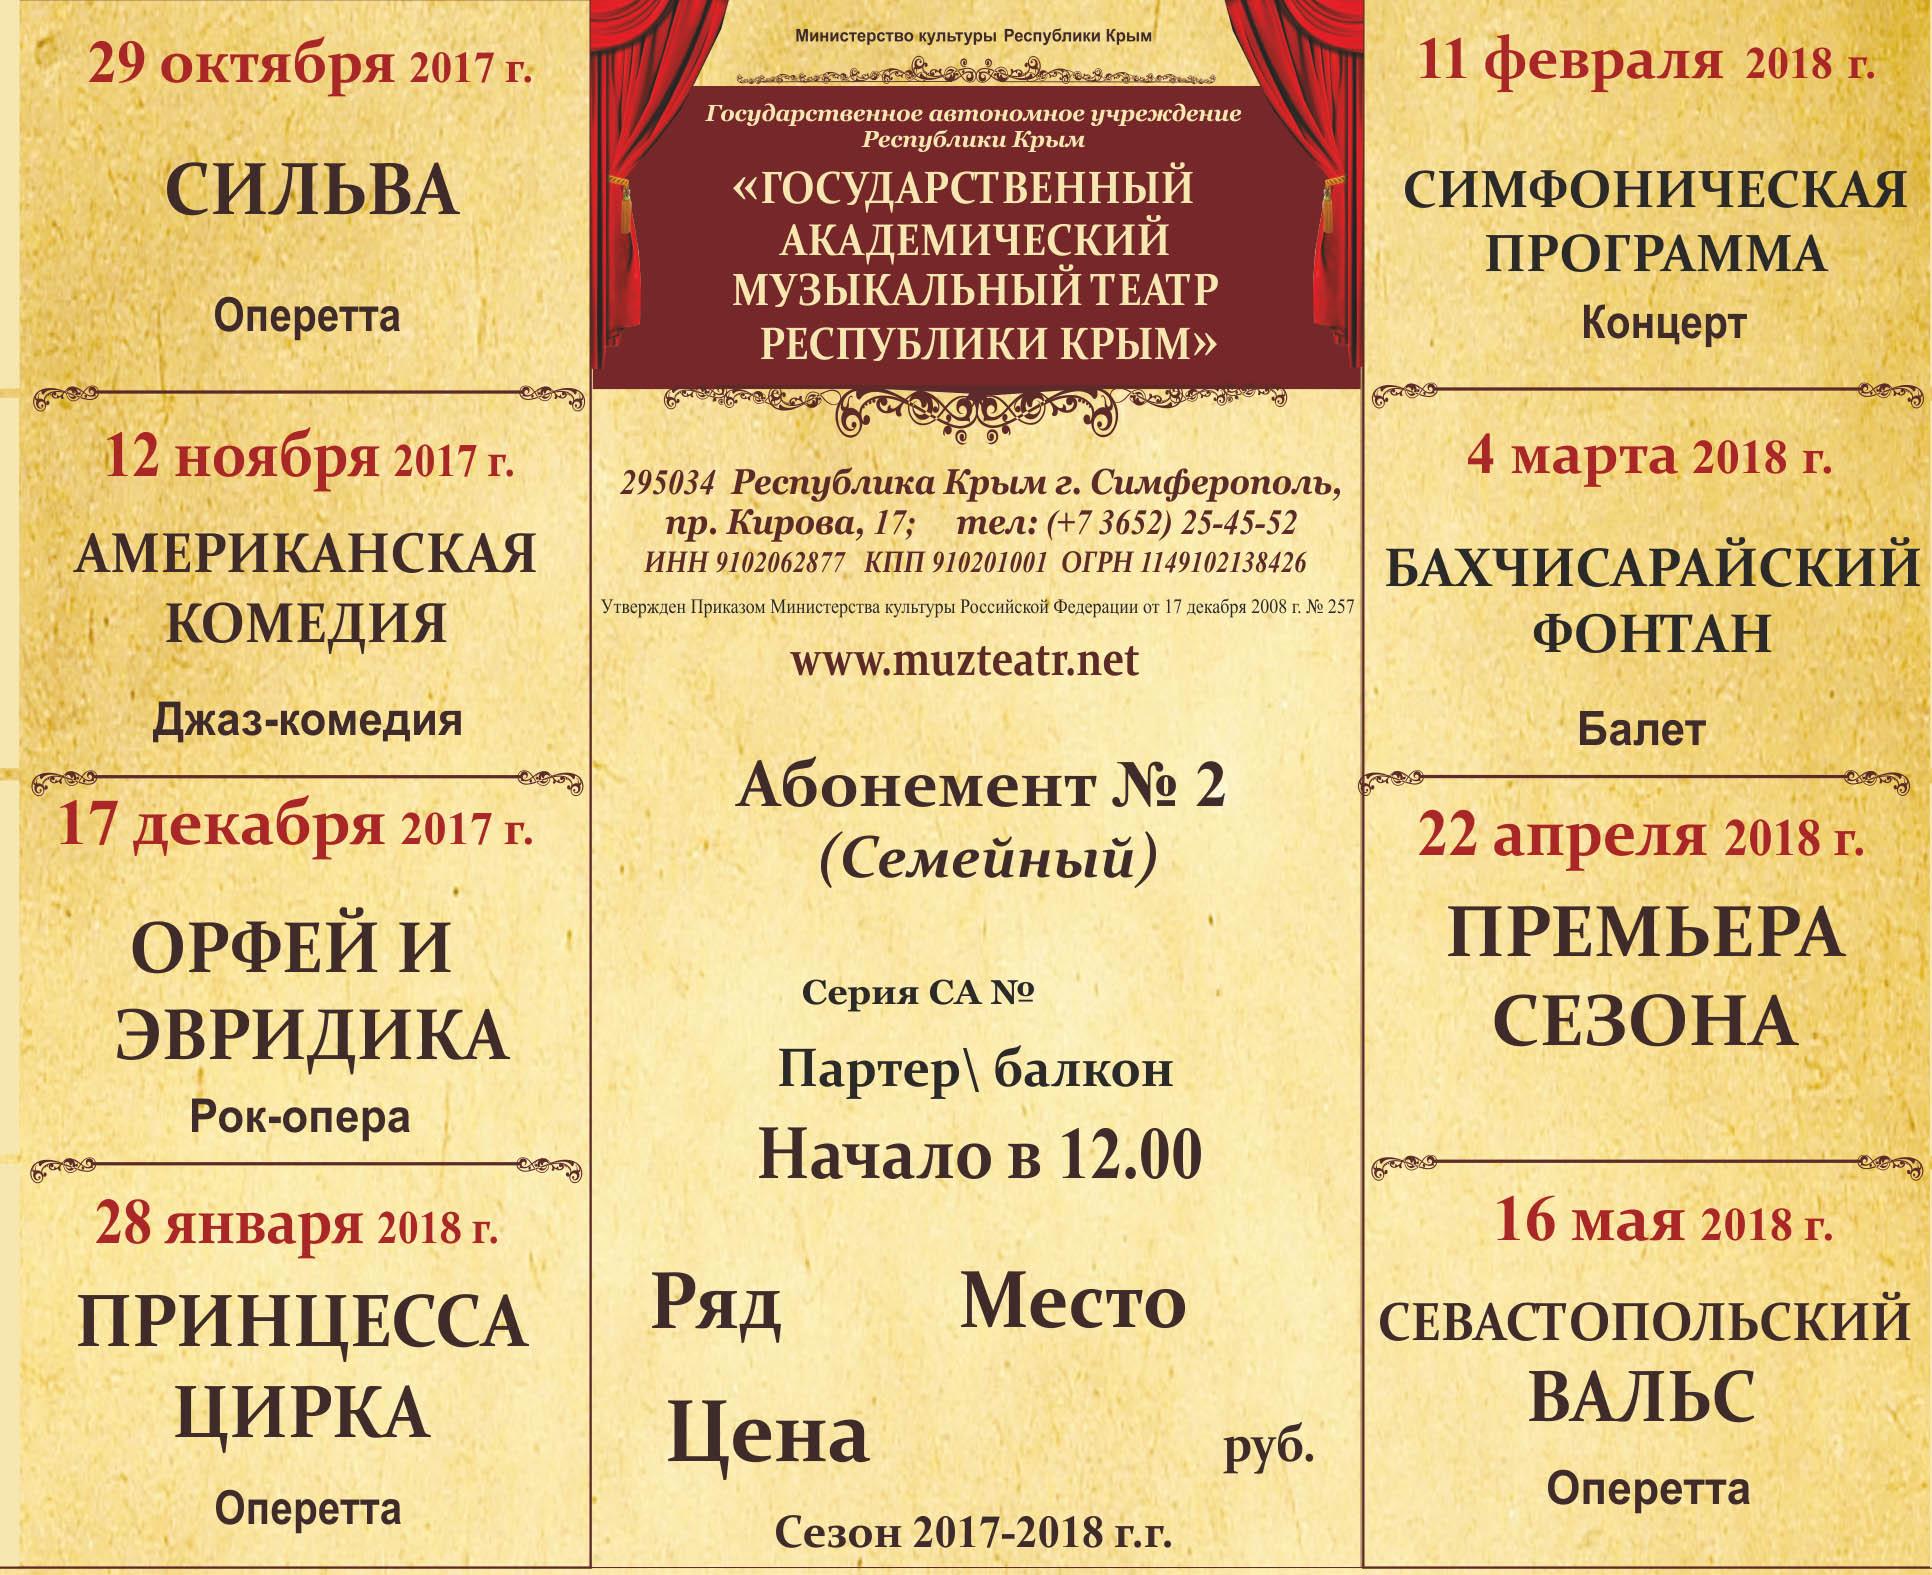 Кино днепропетровск афиша на завтра